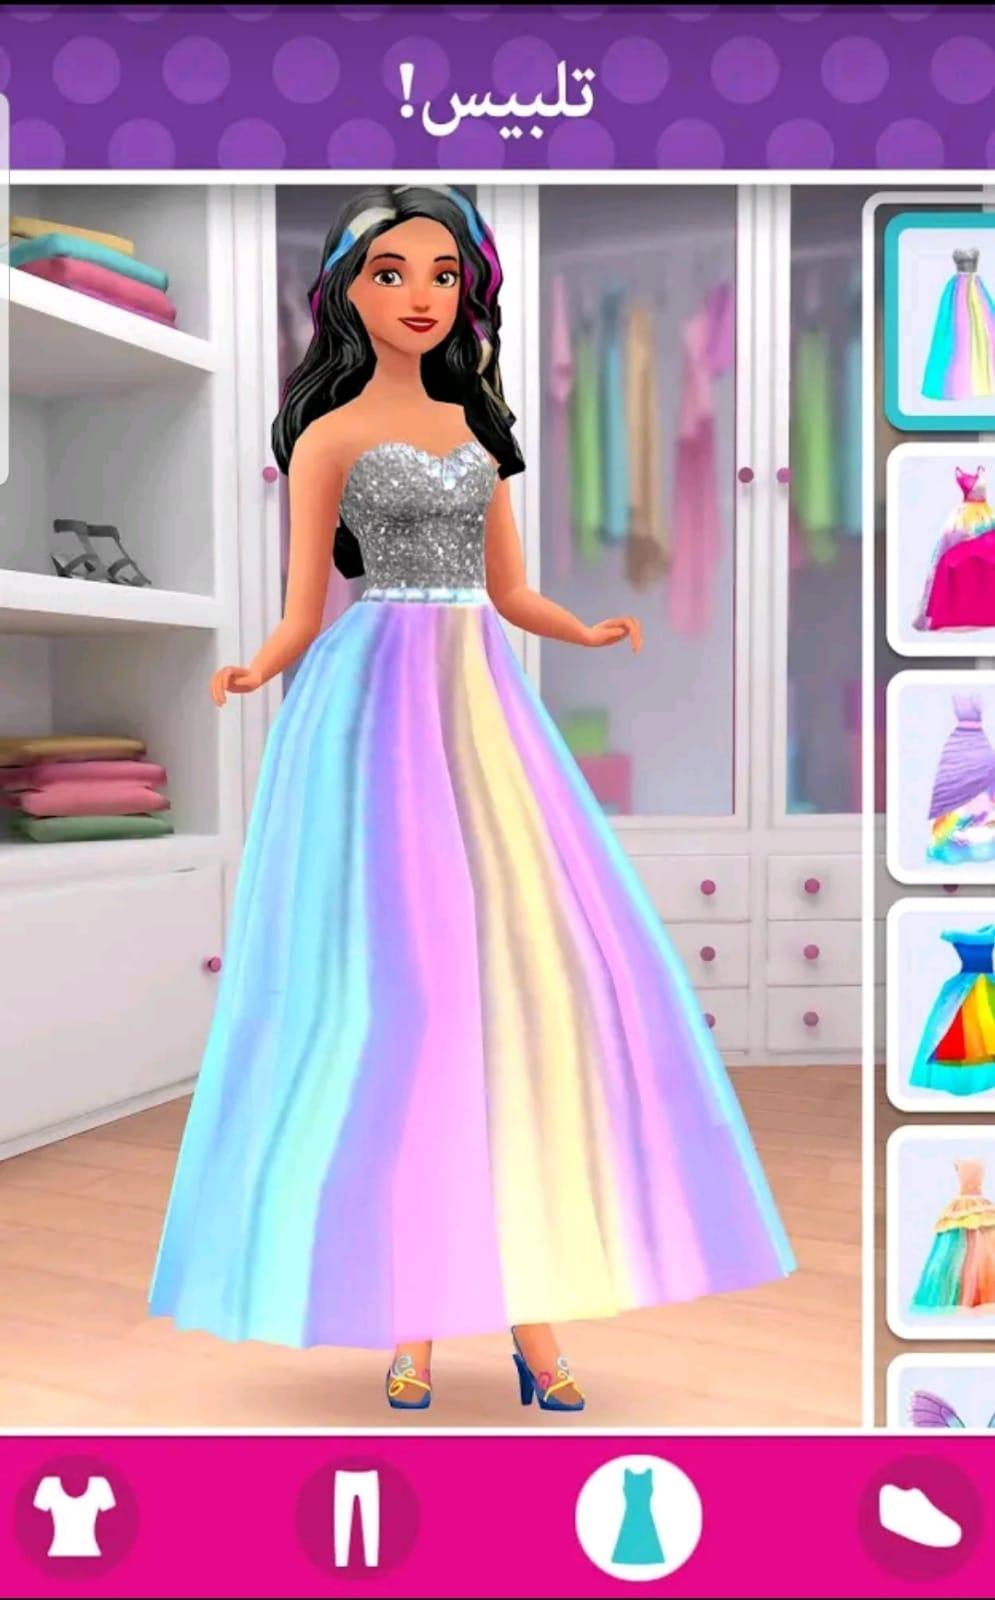 ألعاب تلبيس بنات باربى ولعبة Barbie Fashion Closet الجديدة 2021 العاب اطفال جديده